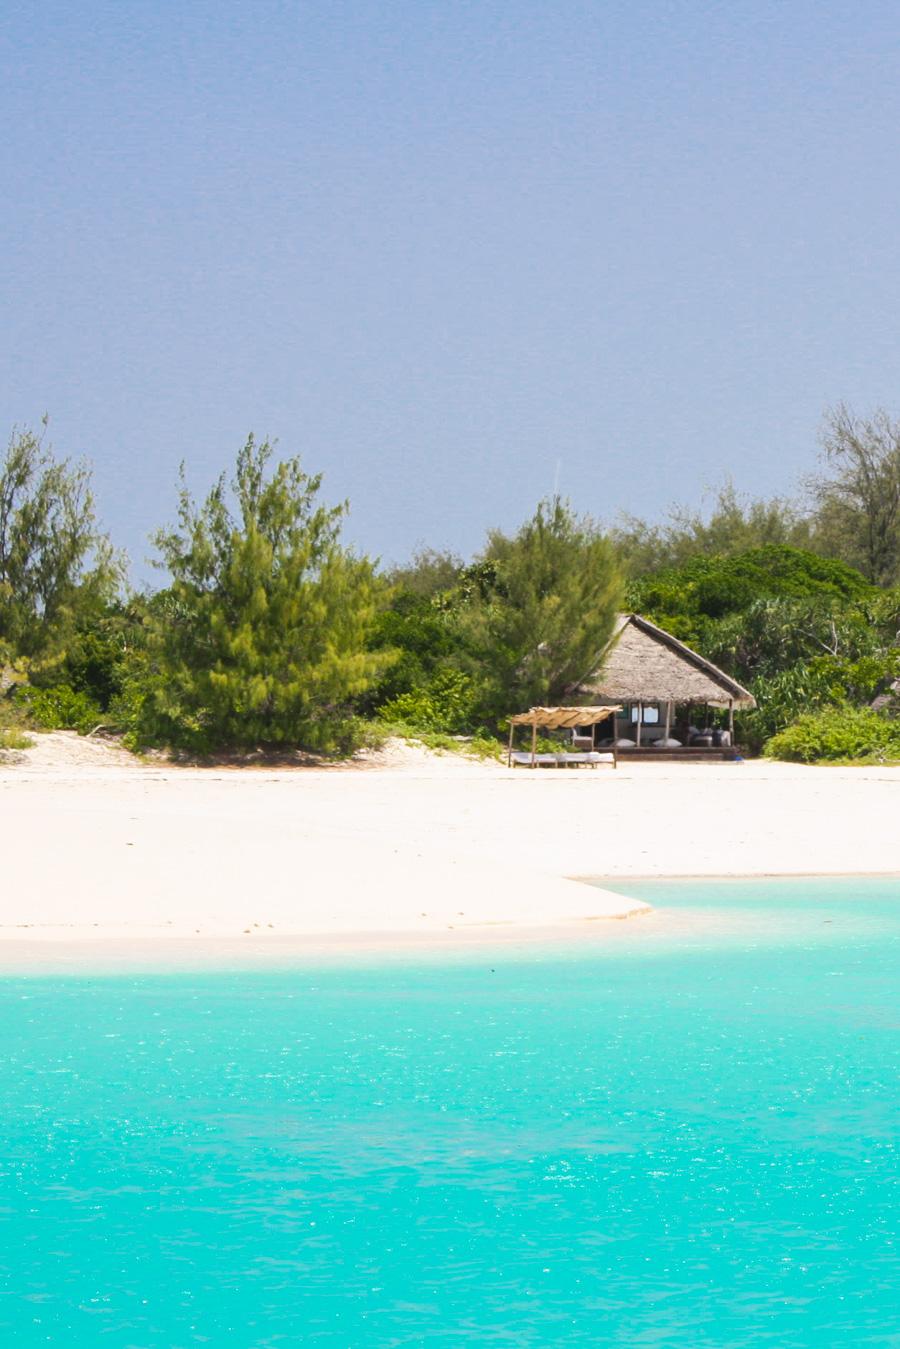 Nungwi Beach Zanzibar (2)